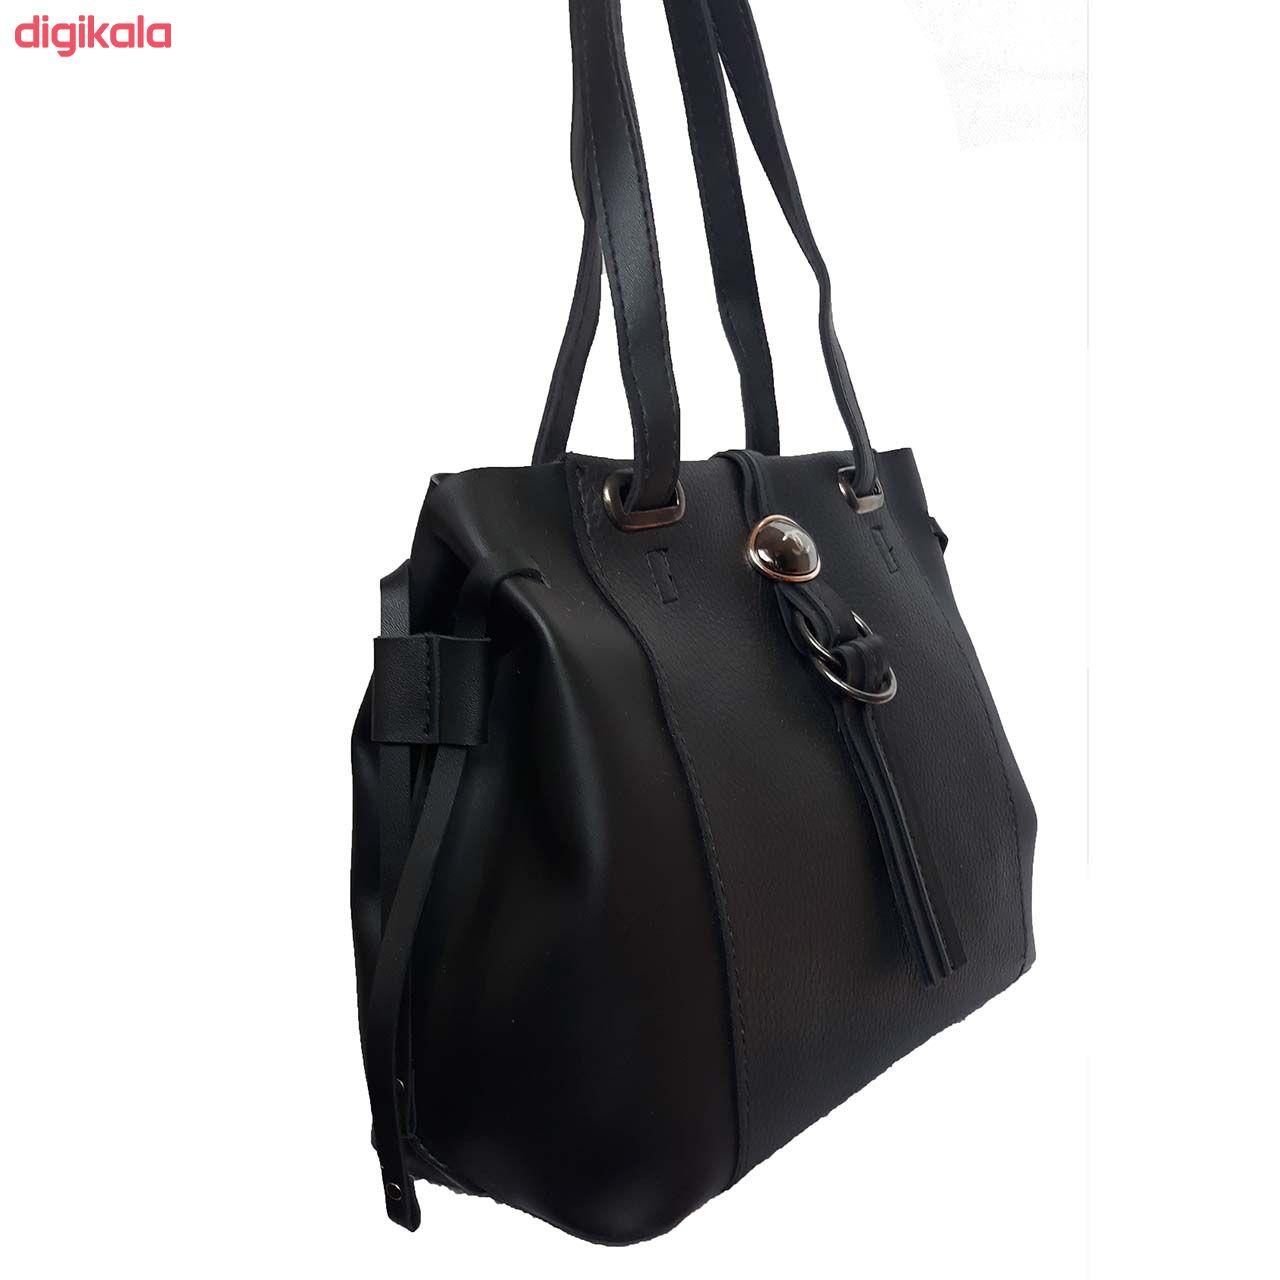 خرید اینترنتی با تخفیف ویژه کیف دوشی زنانه مدل 0088